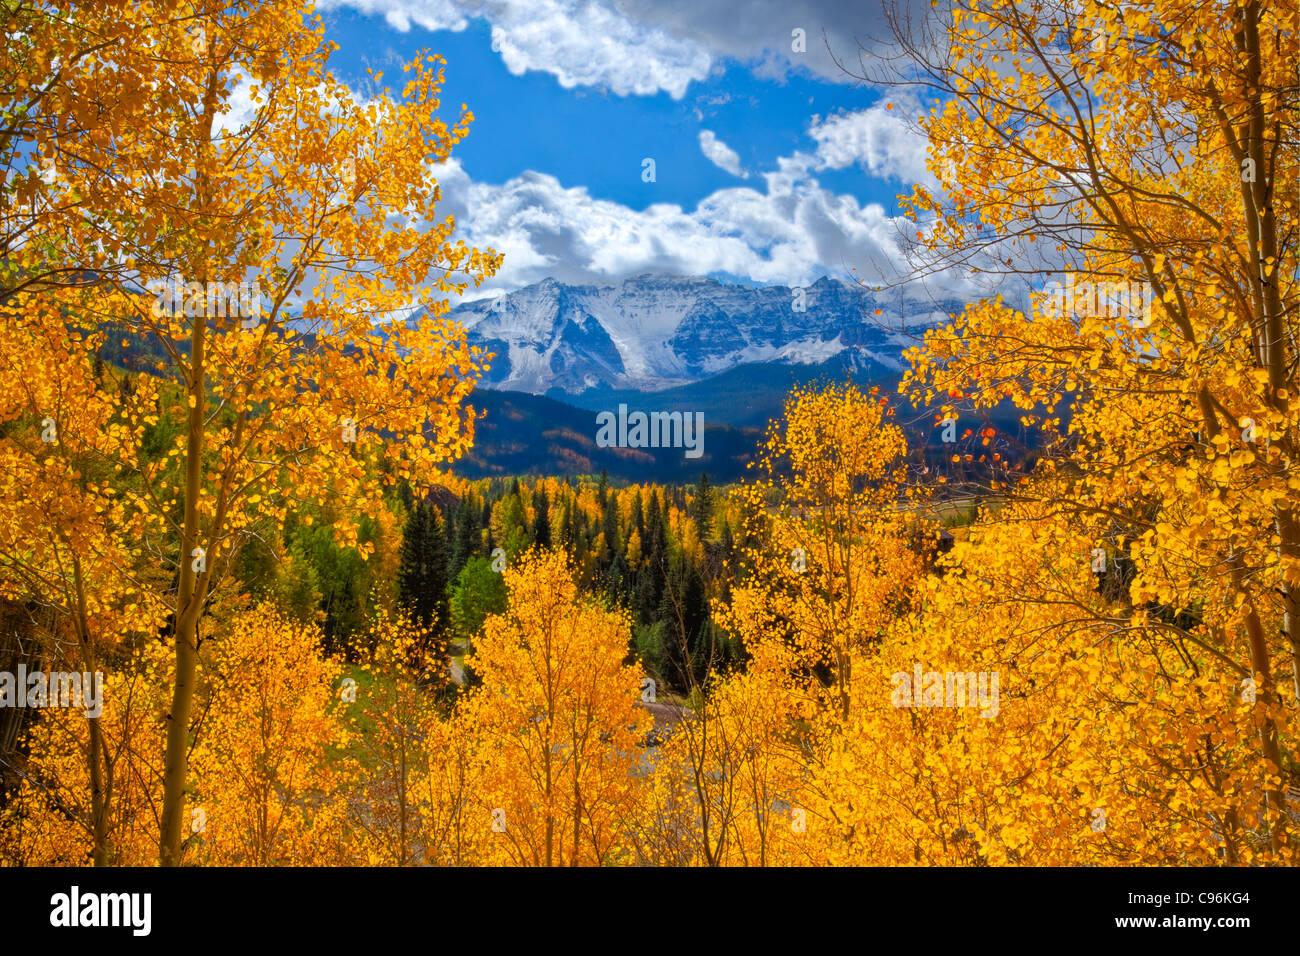 Les trembles près de Trout Lake, Uncomphagre National Forest, Colorado montagnes San Juan Populus tremuloides Photo Stock